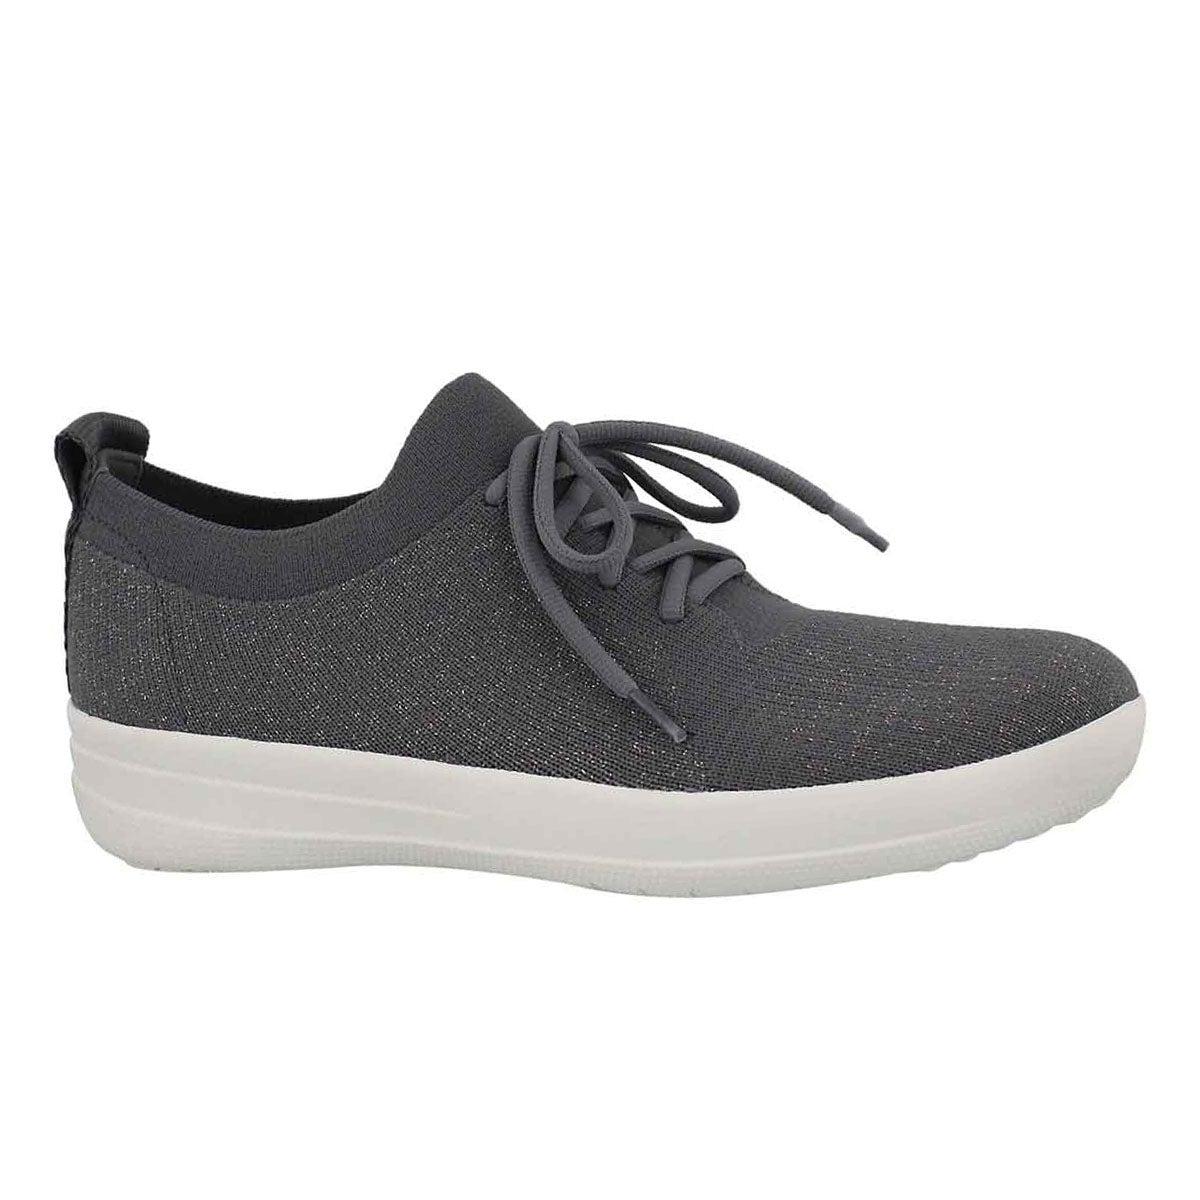 Women's UBERKNIT SPORTY char/mtl pew sneakers